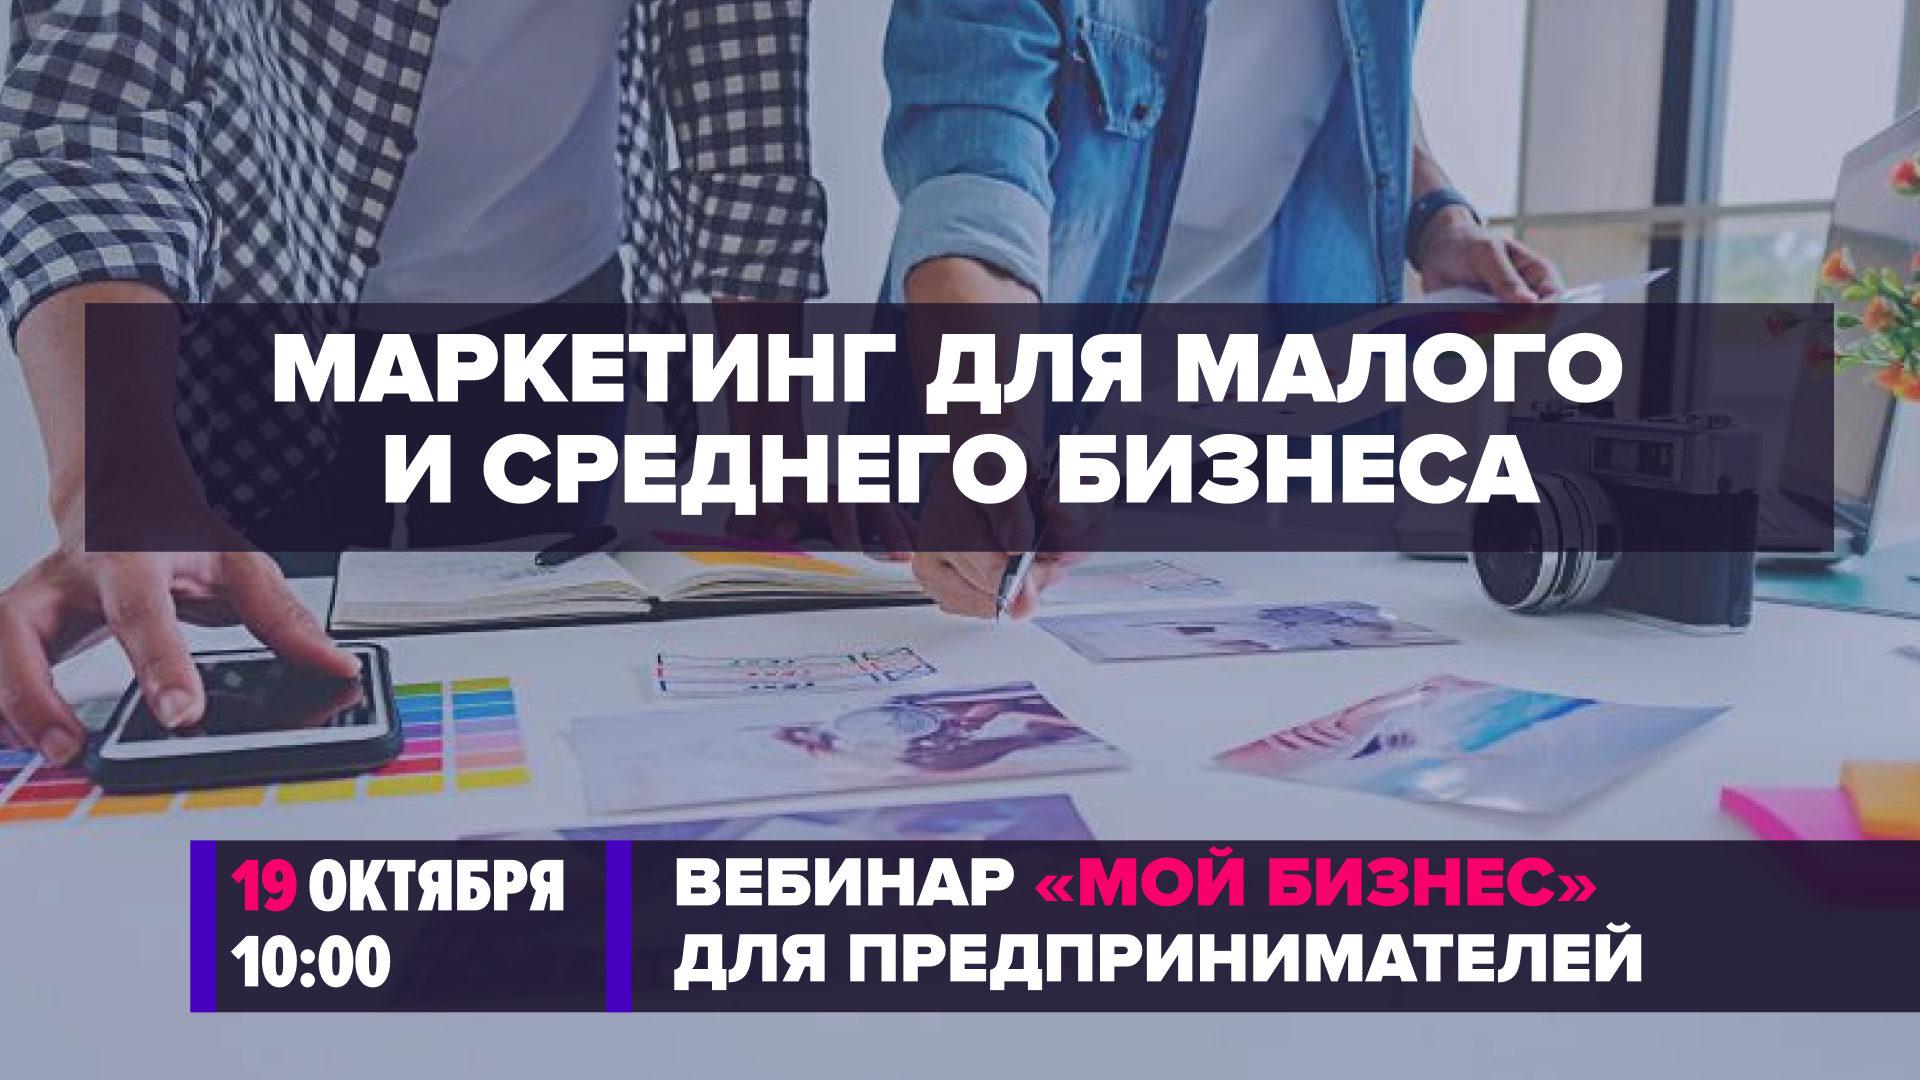 Вебинар Минэкономразвития РФ «Маркетинг для малого и среднего бизнеса: как продвигать компанию в интернете и социальных сетях»